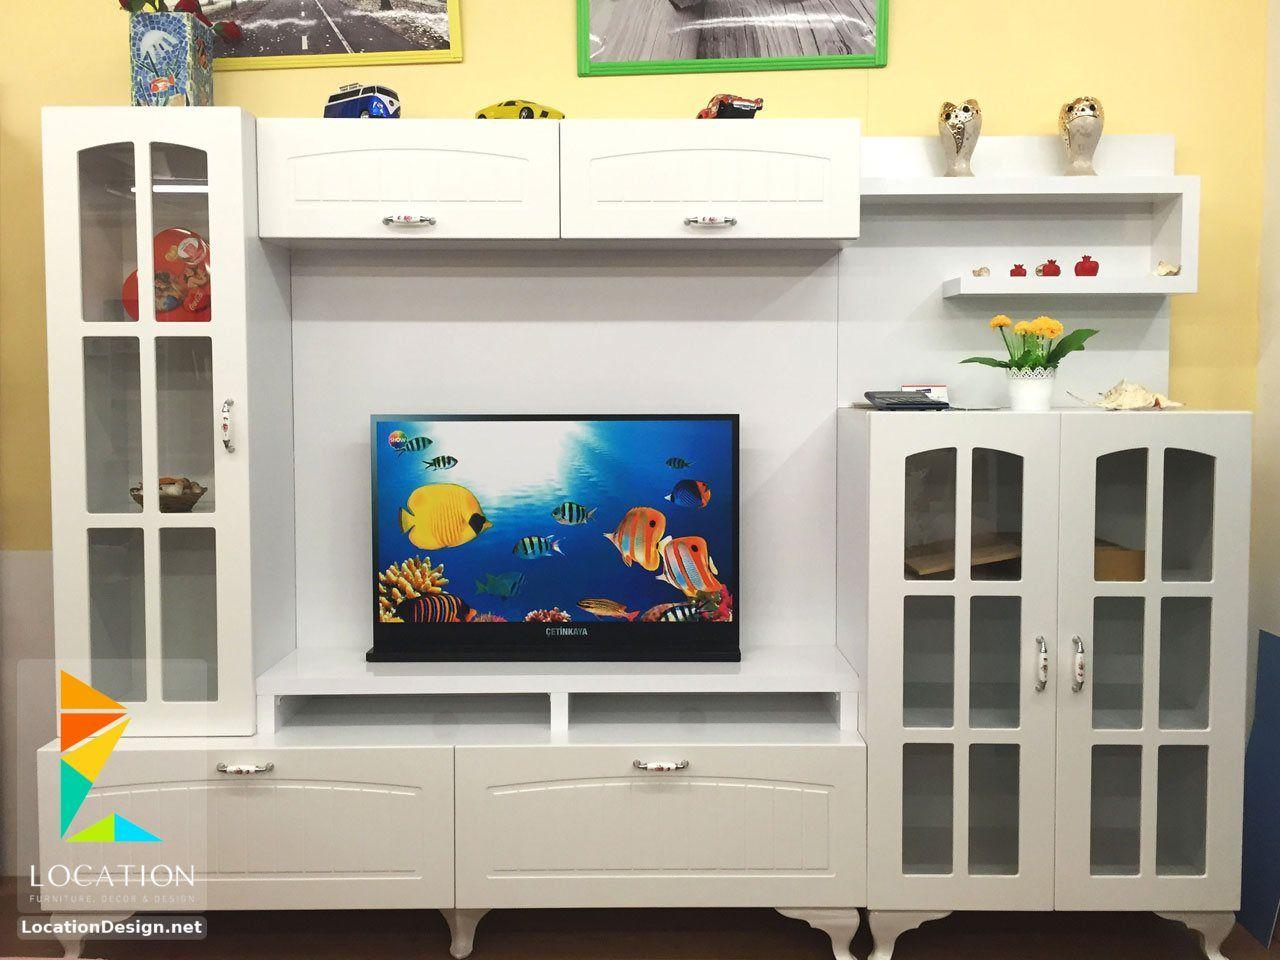 تصميم مكتبات مودرن 2019 افكار لتعليق التلفزيون في الجدار Home Home Decor Furniture